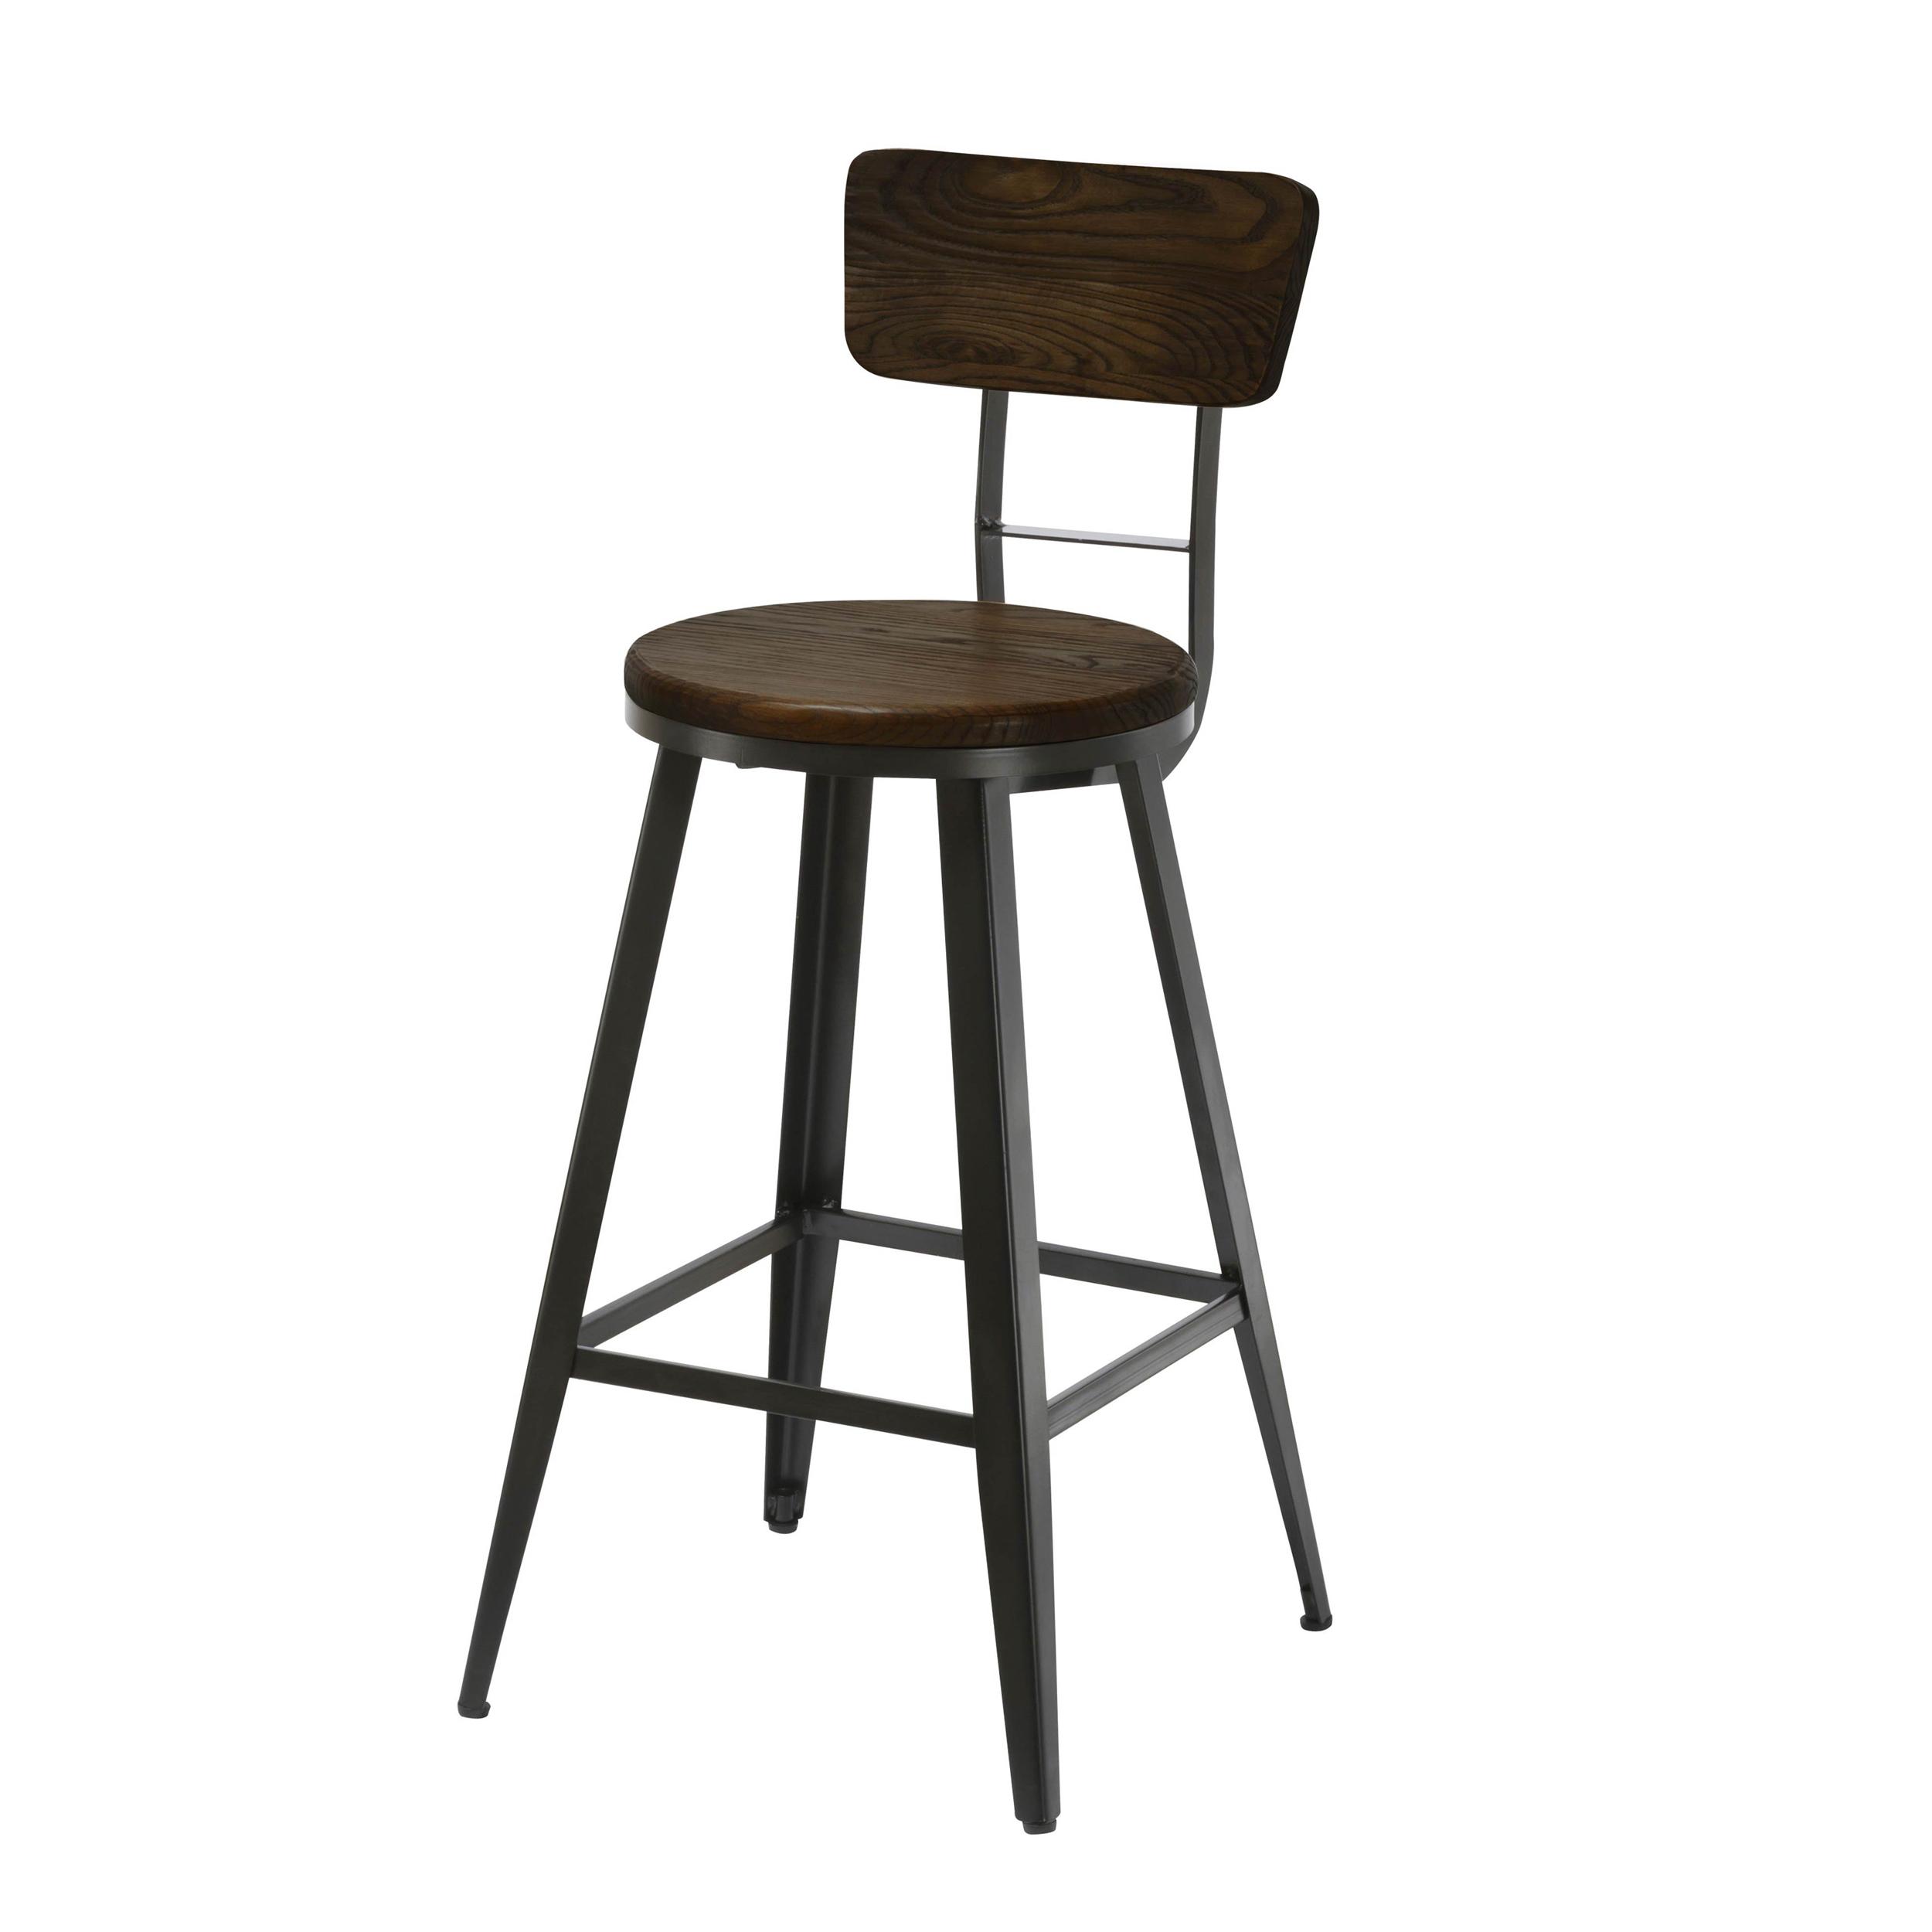 Chaise de bar 76 cm en bois et métal